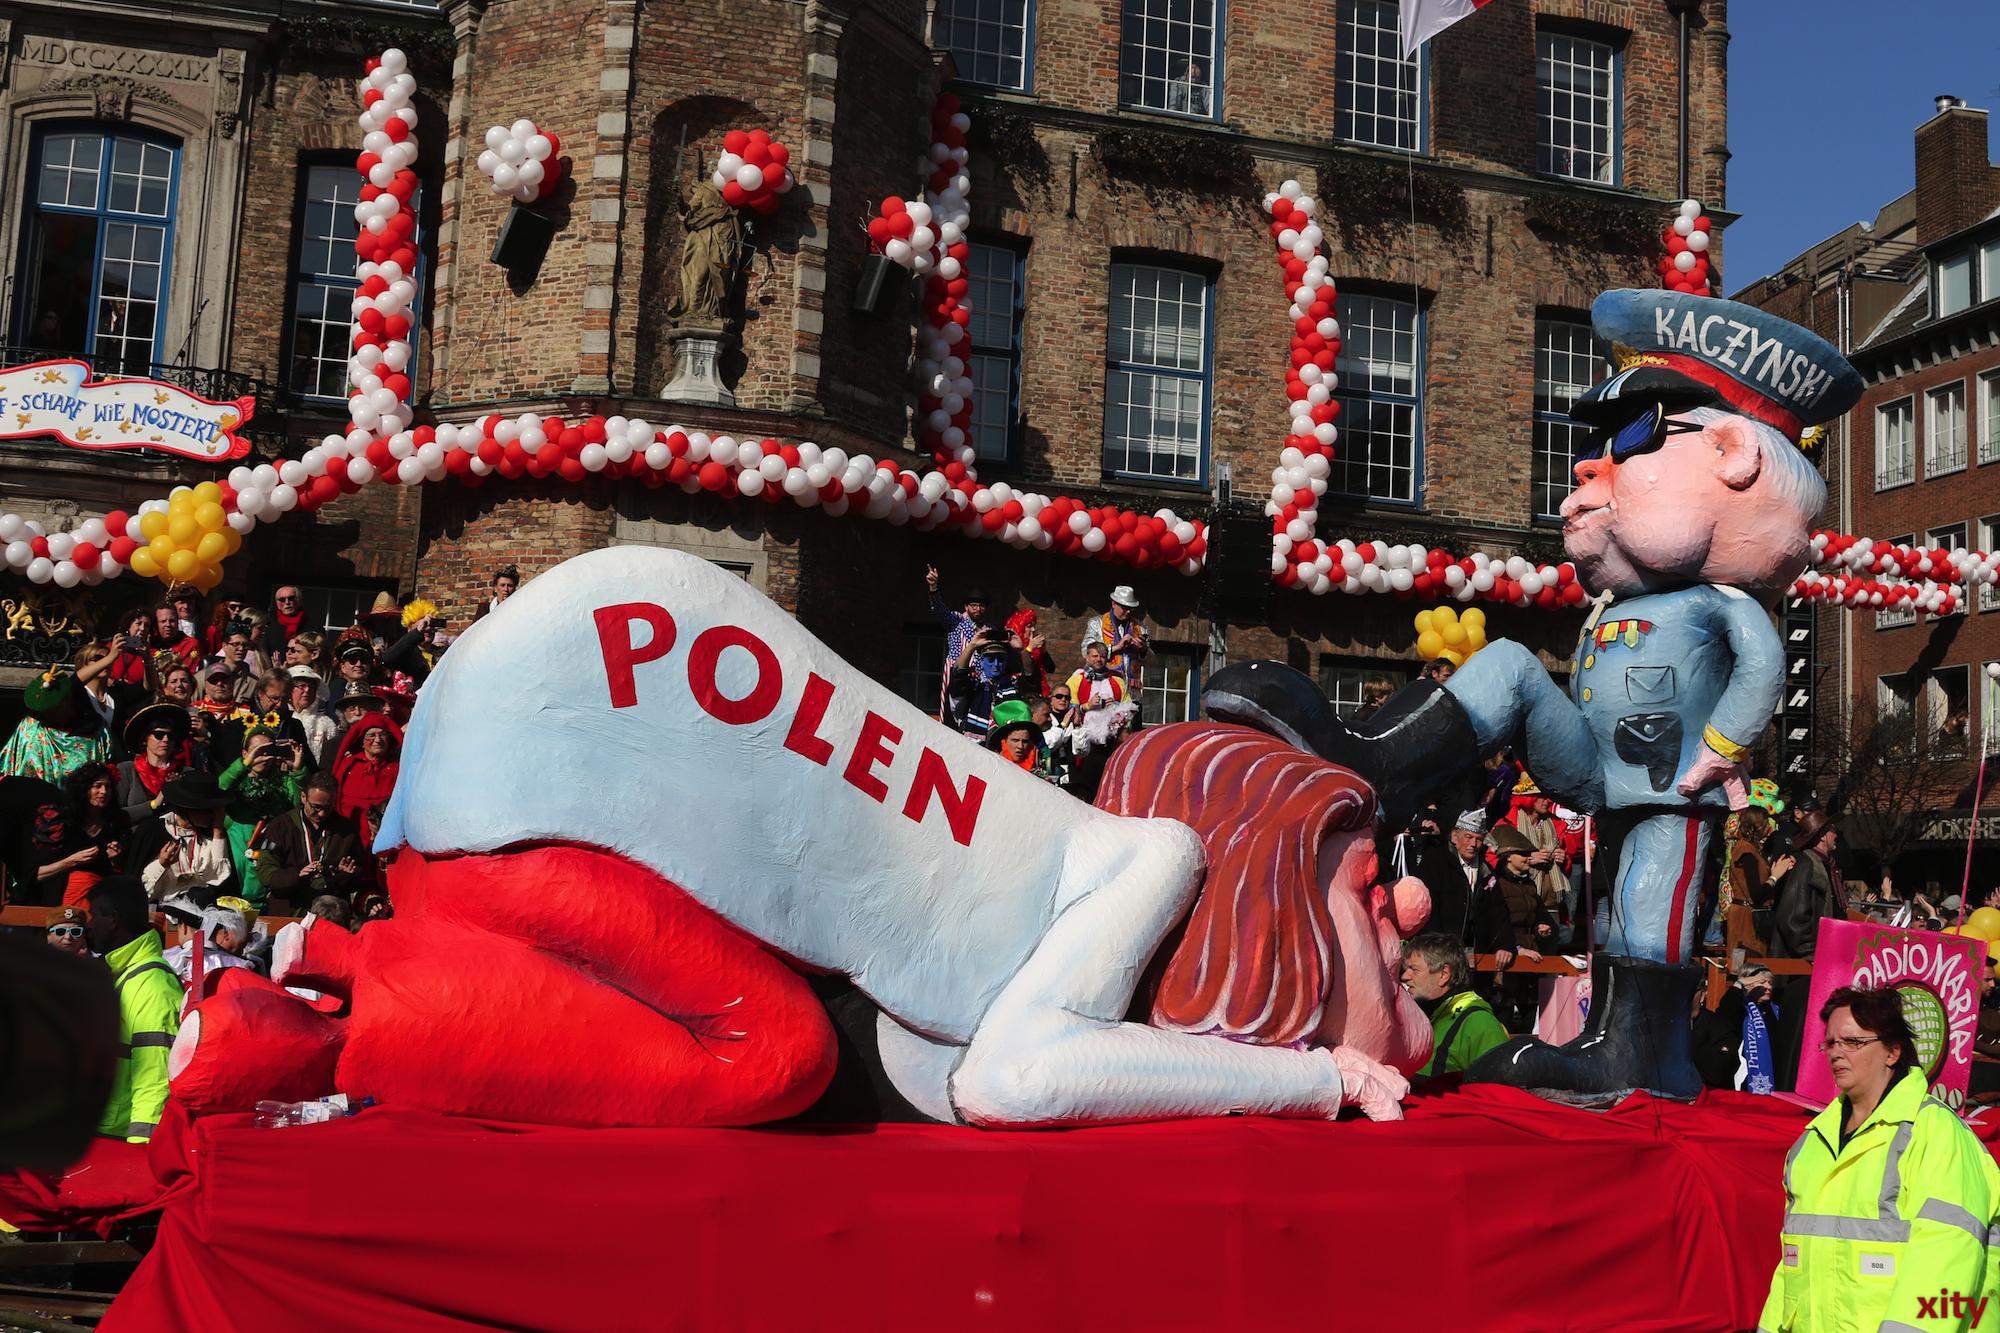 Auf diesem Mottowagen wird die Politische Lage Polens kritisiert (Foto: xity)